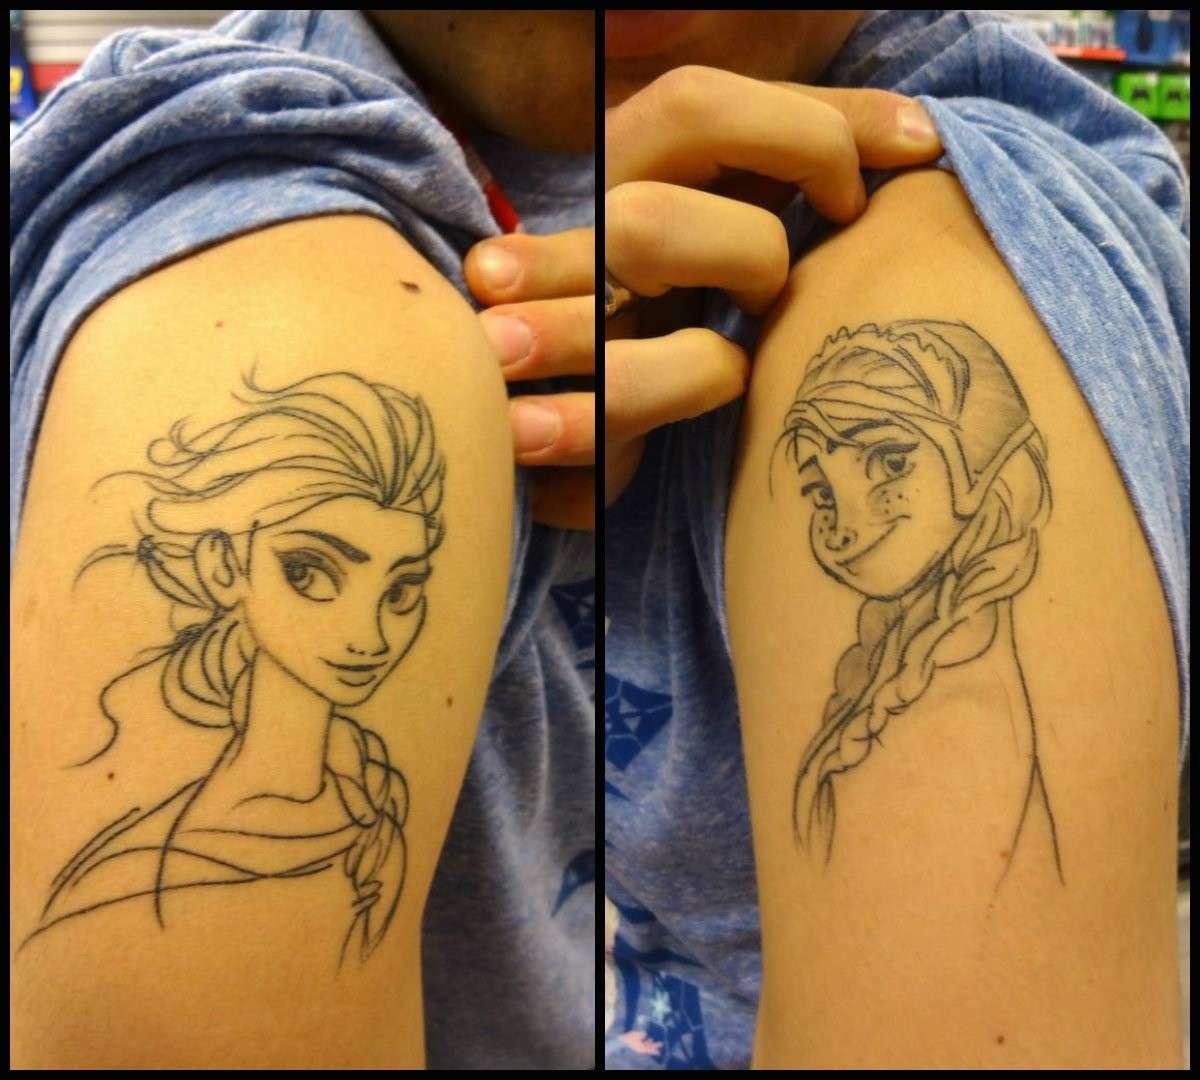 Tatuaggi per sorelle: ecco le immagini più belle e d'ispirazione